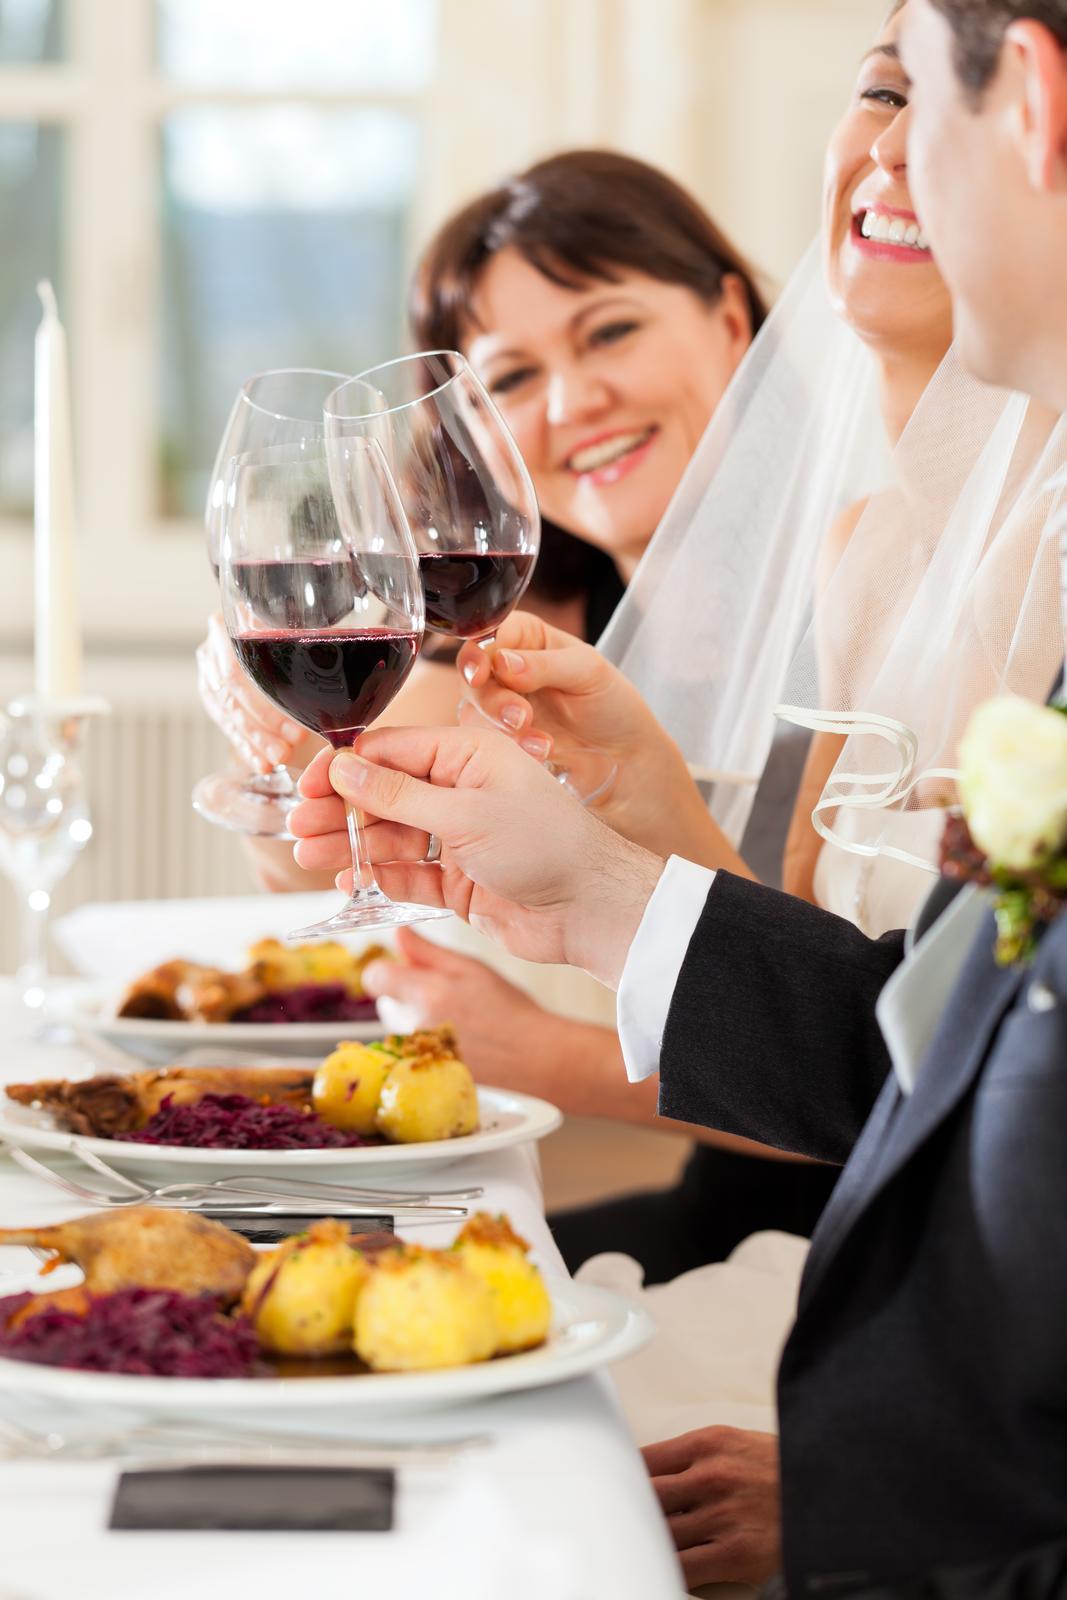 vinomaravilla - Žiaden strach pokiaľ sa vínam nerozumiete, my Vám poradíme aké vínko sa vašej svadbe hodí podľa svadobného menu, ročného obdobia a pod.